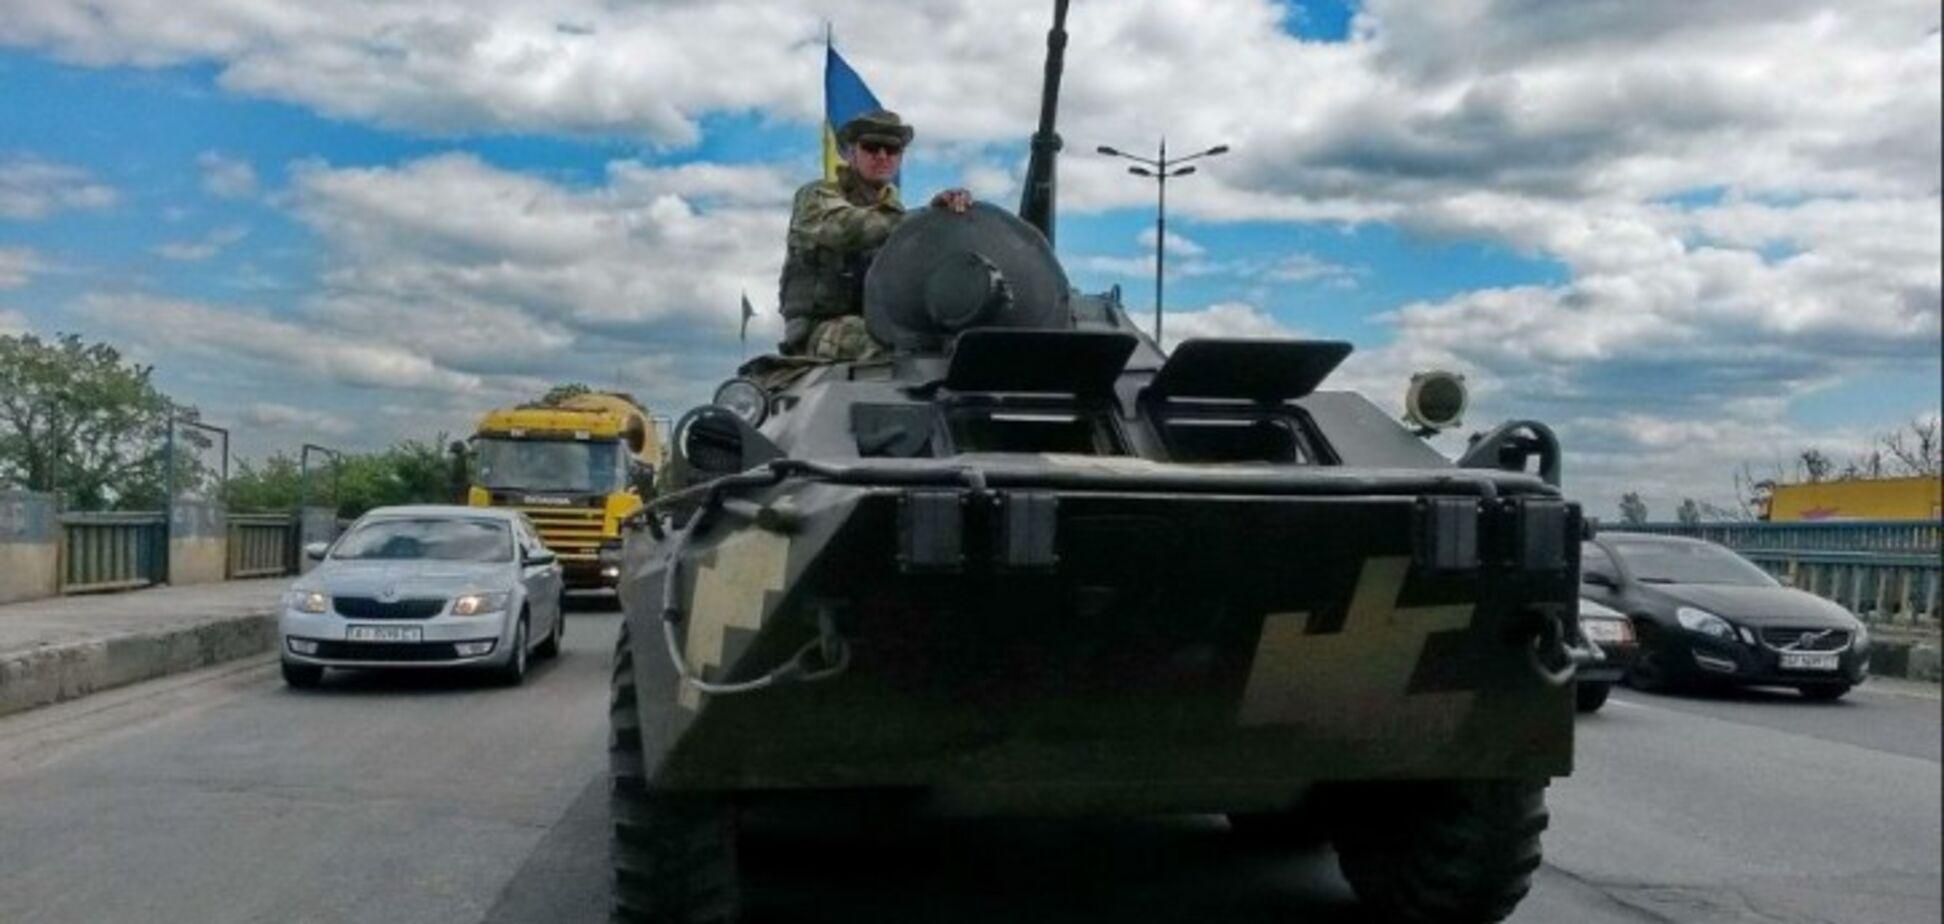 Террористы отрезаны: ВСУ взяли под контроль важные дороги на Донбассе